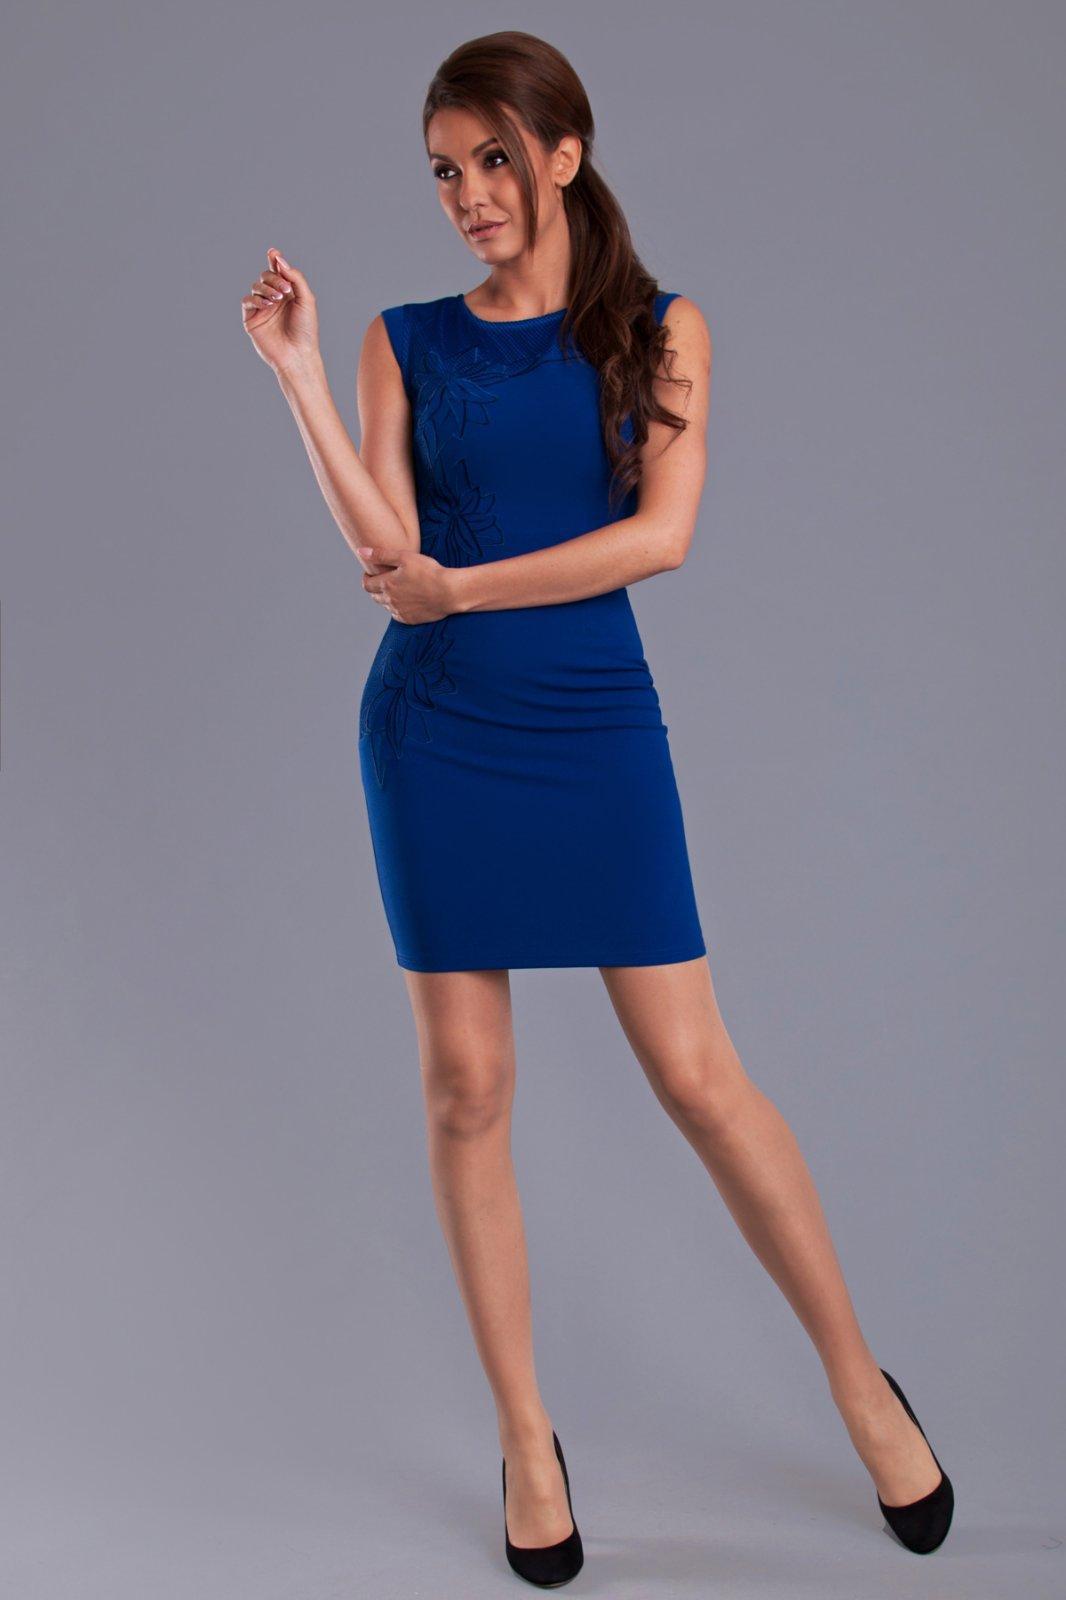 Stužková - čo si má obliecť mamička  - Modrý koník 447e90c635a